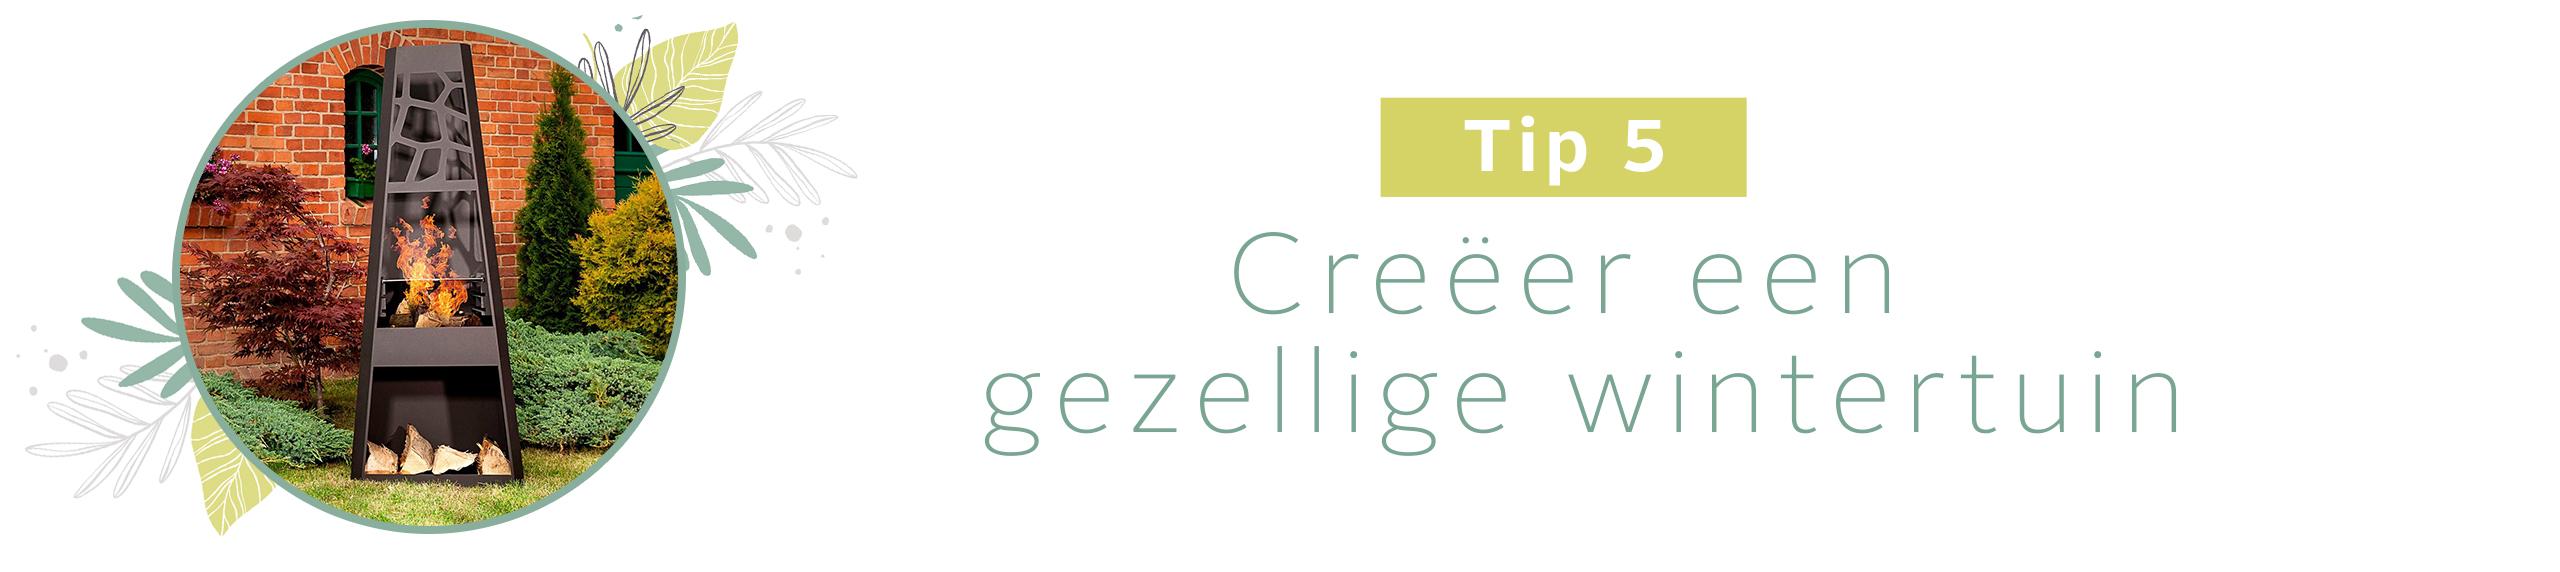 Tip 5: Creëer een gezellige wintertuin